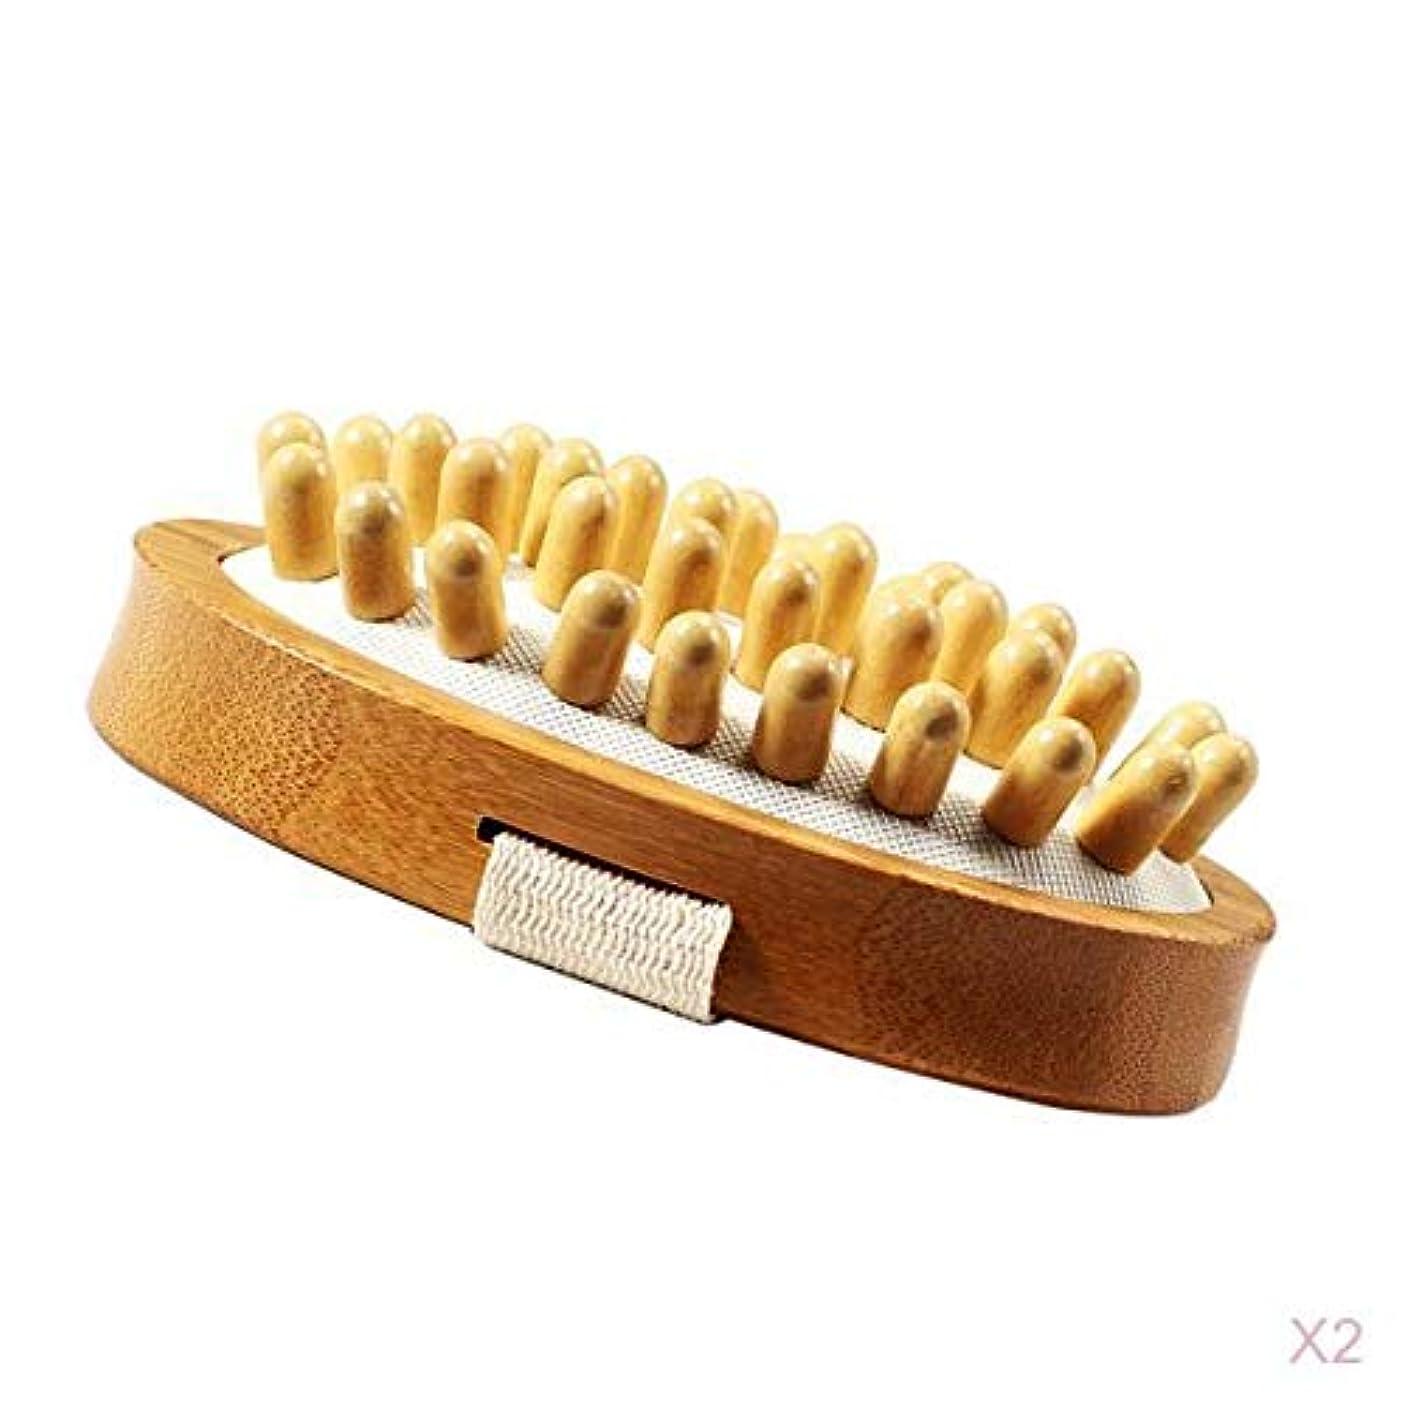 思いやりのある感謝祭ローマ人マッサージブラシ ボディーブラシ セルライト 角質除去 健康グッズ 2個入